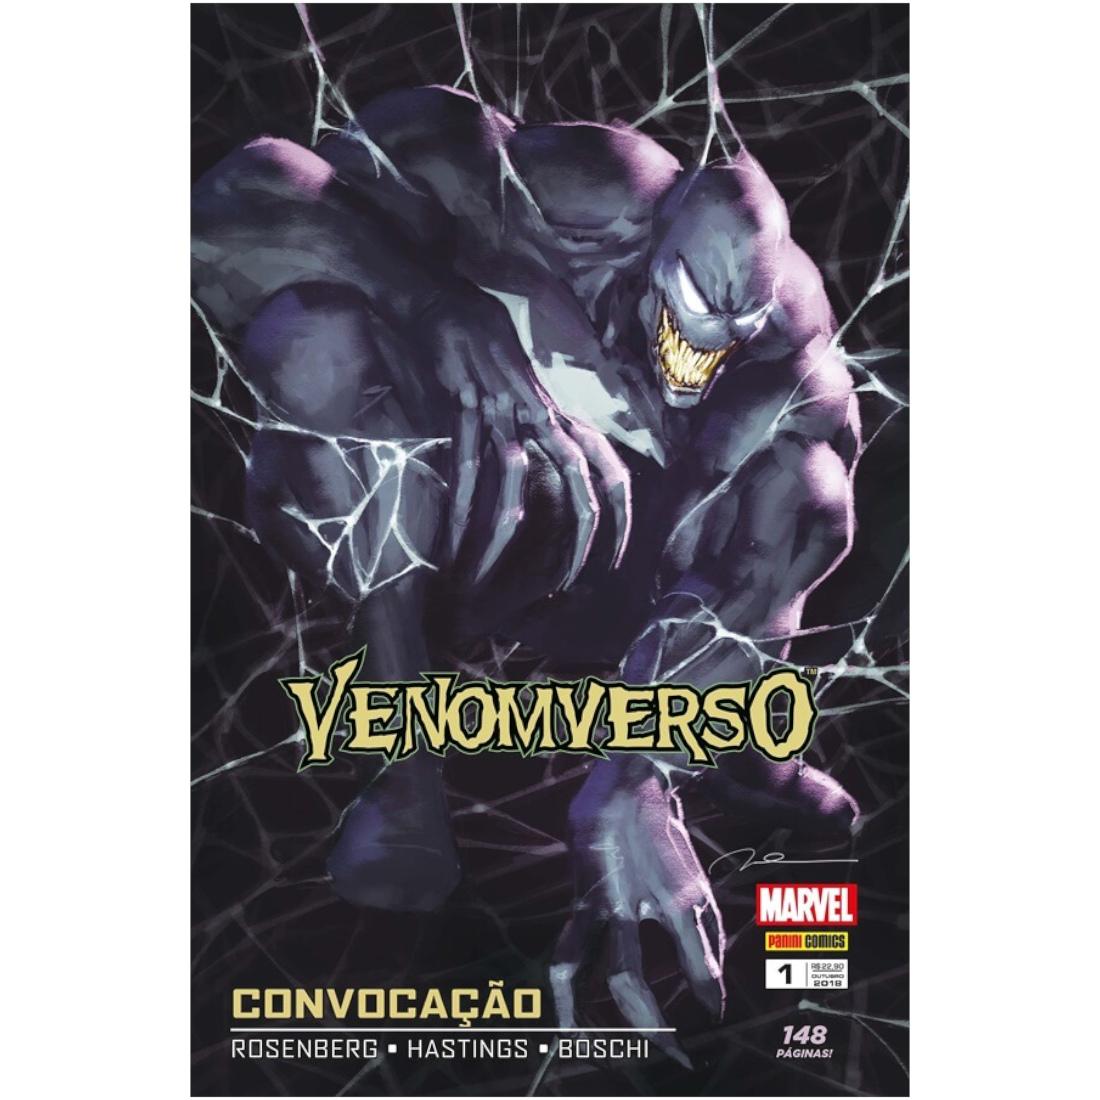 Venomverso Vol. 1 - Convocação